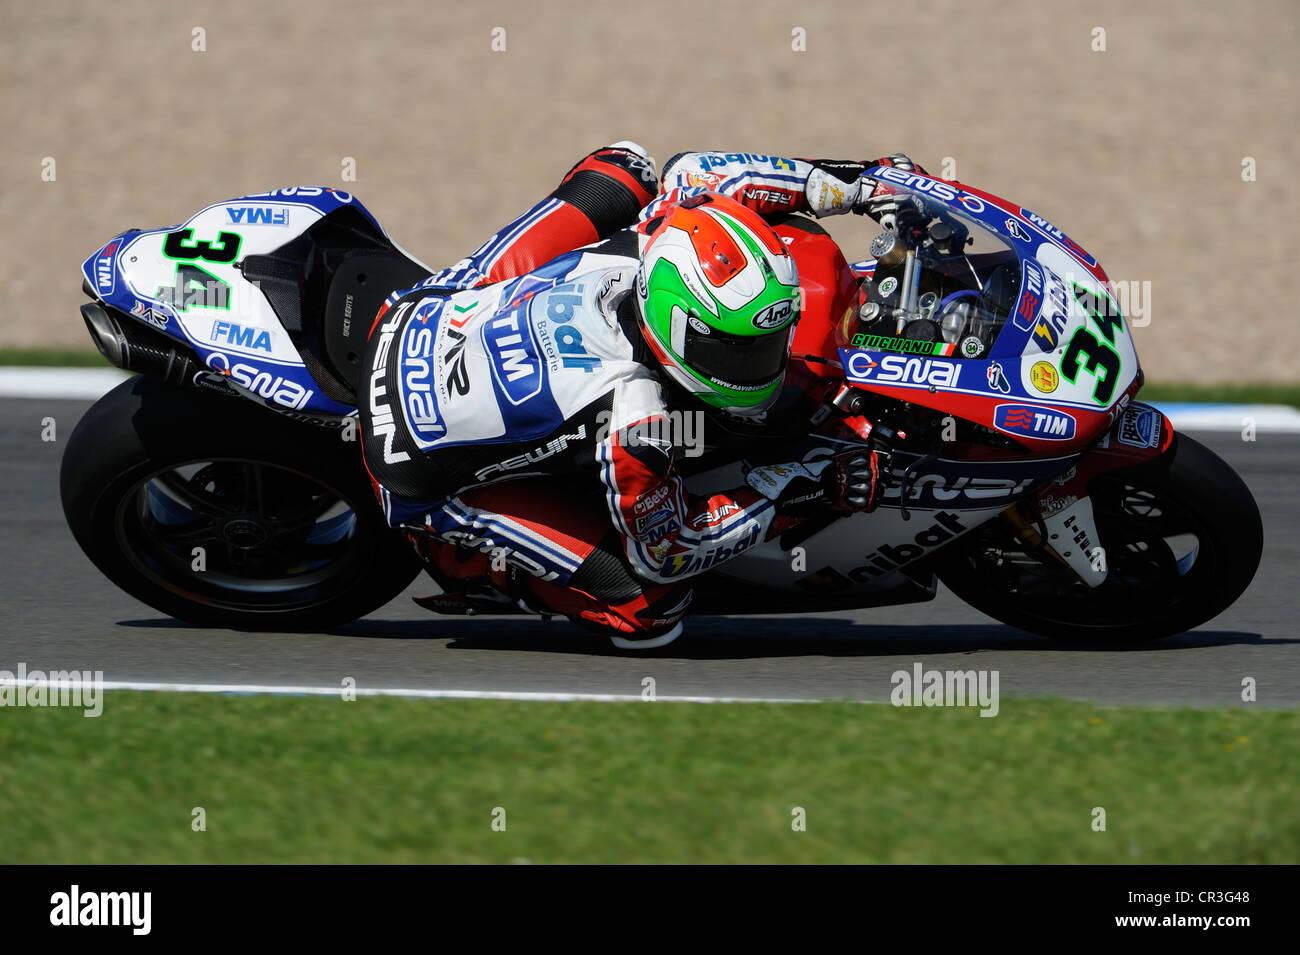 davide giugliano on the ducati, WSBK 2012 Stock Photo